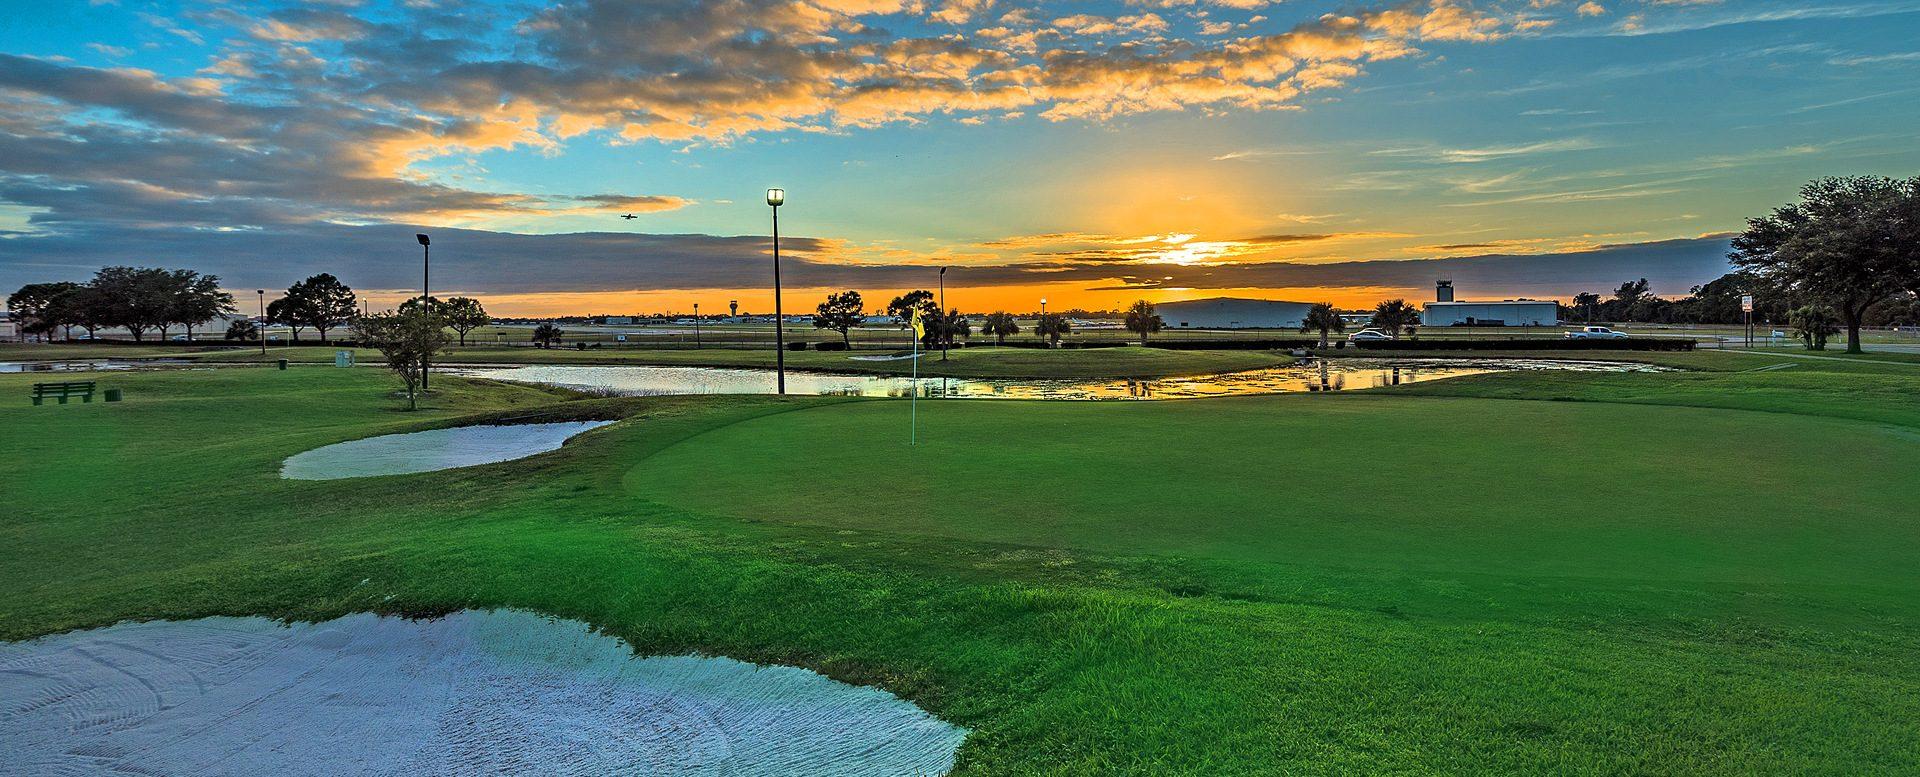 Suncoast Near Me >> Suncoast Golf Center Academy Where The Sun Never Sets On Your Game